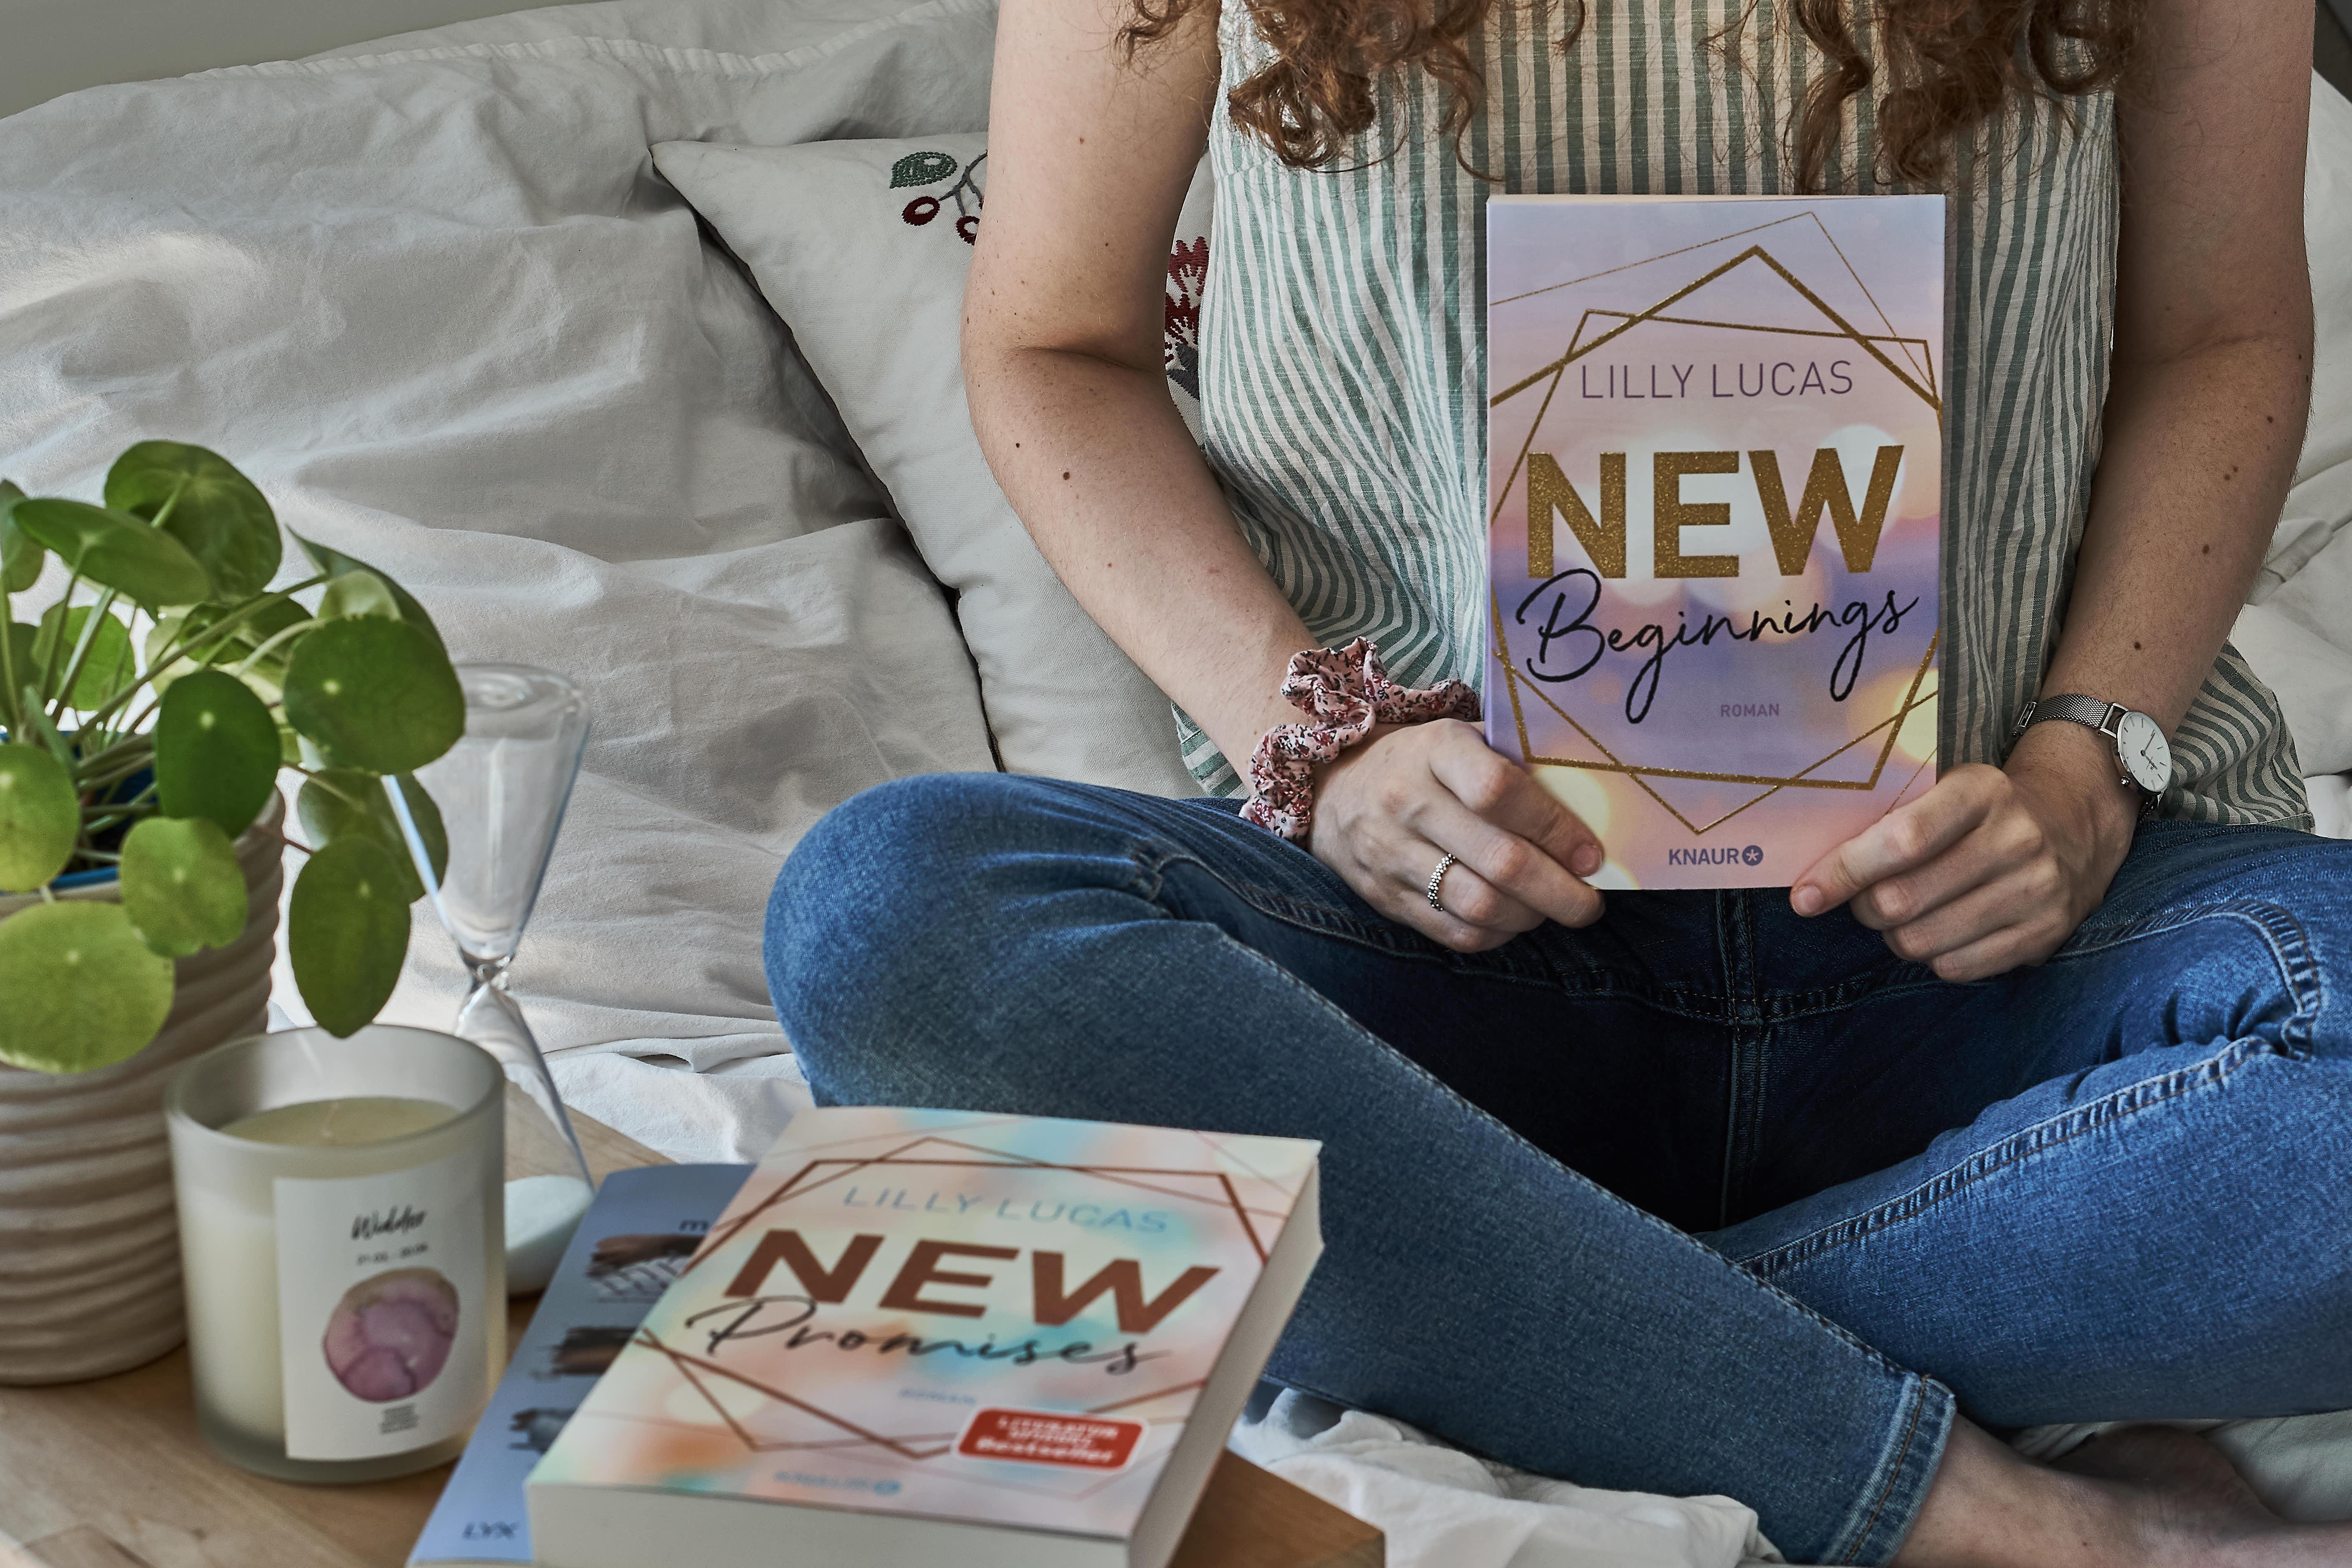 REZENSION: New Beginnings von Lilly Lucas